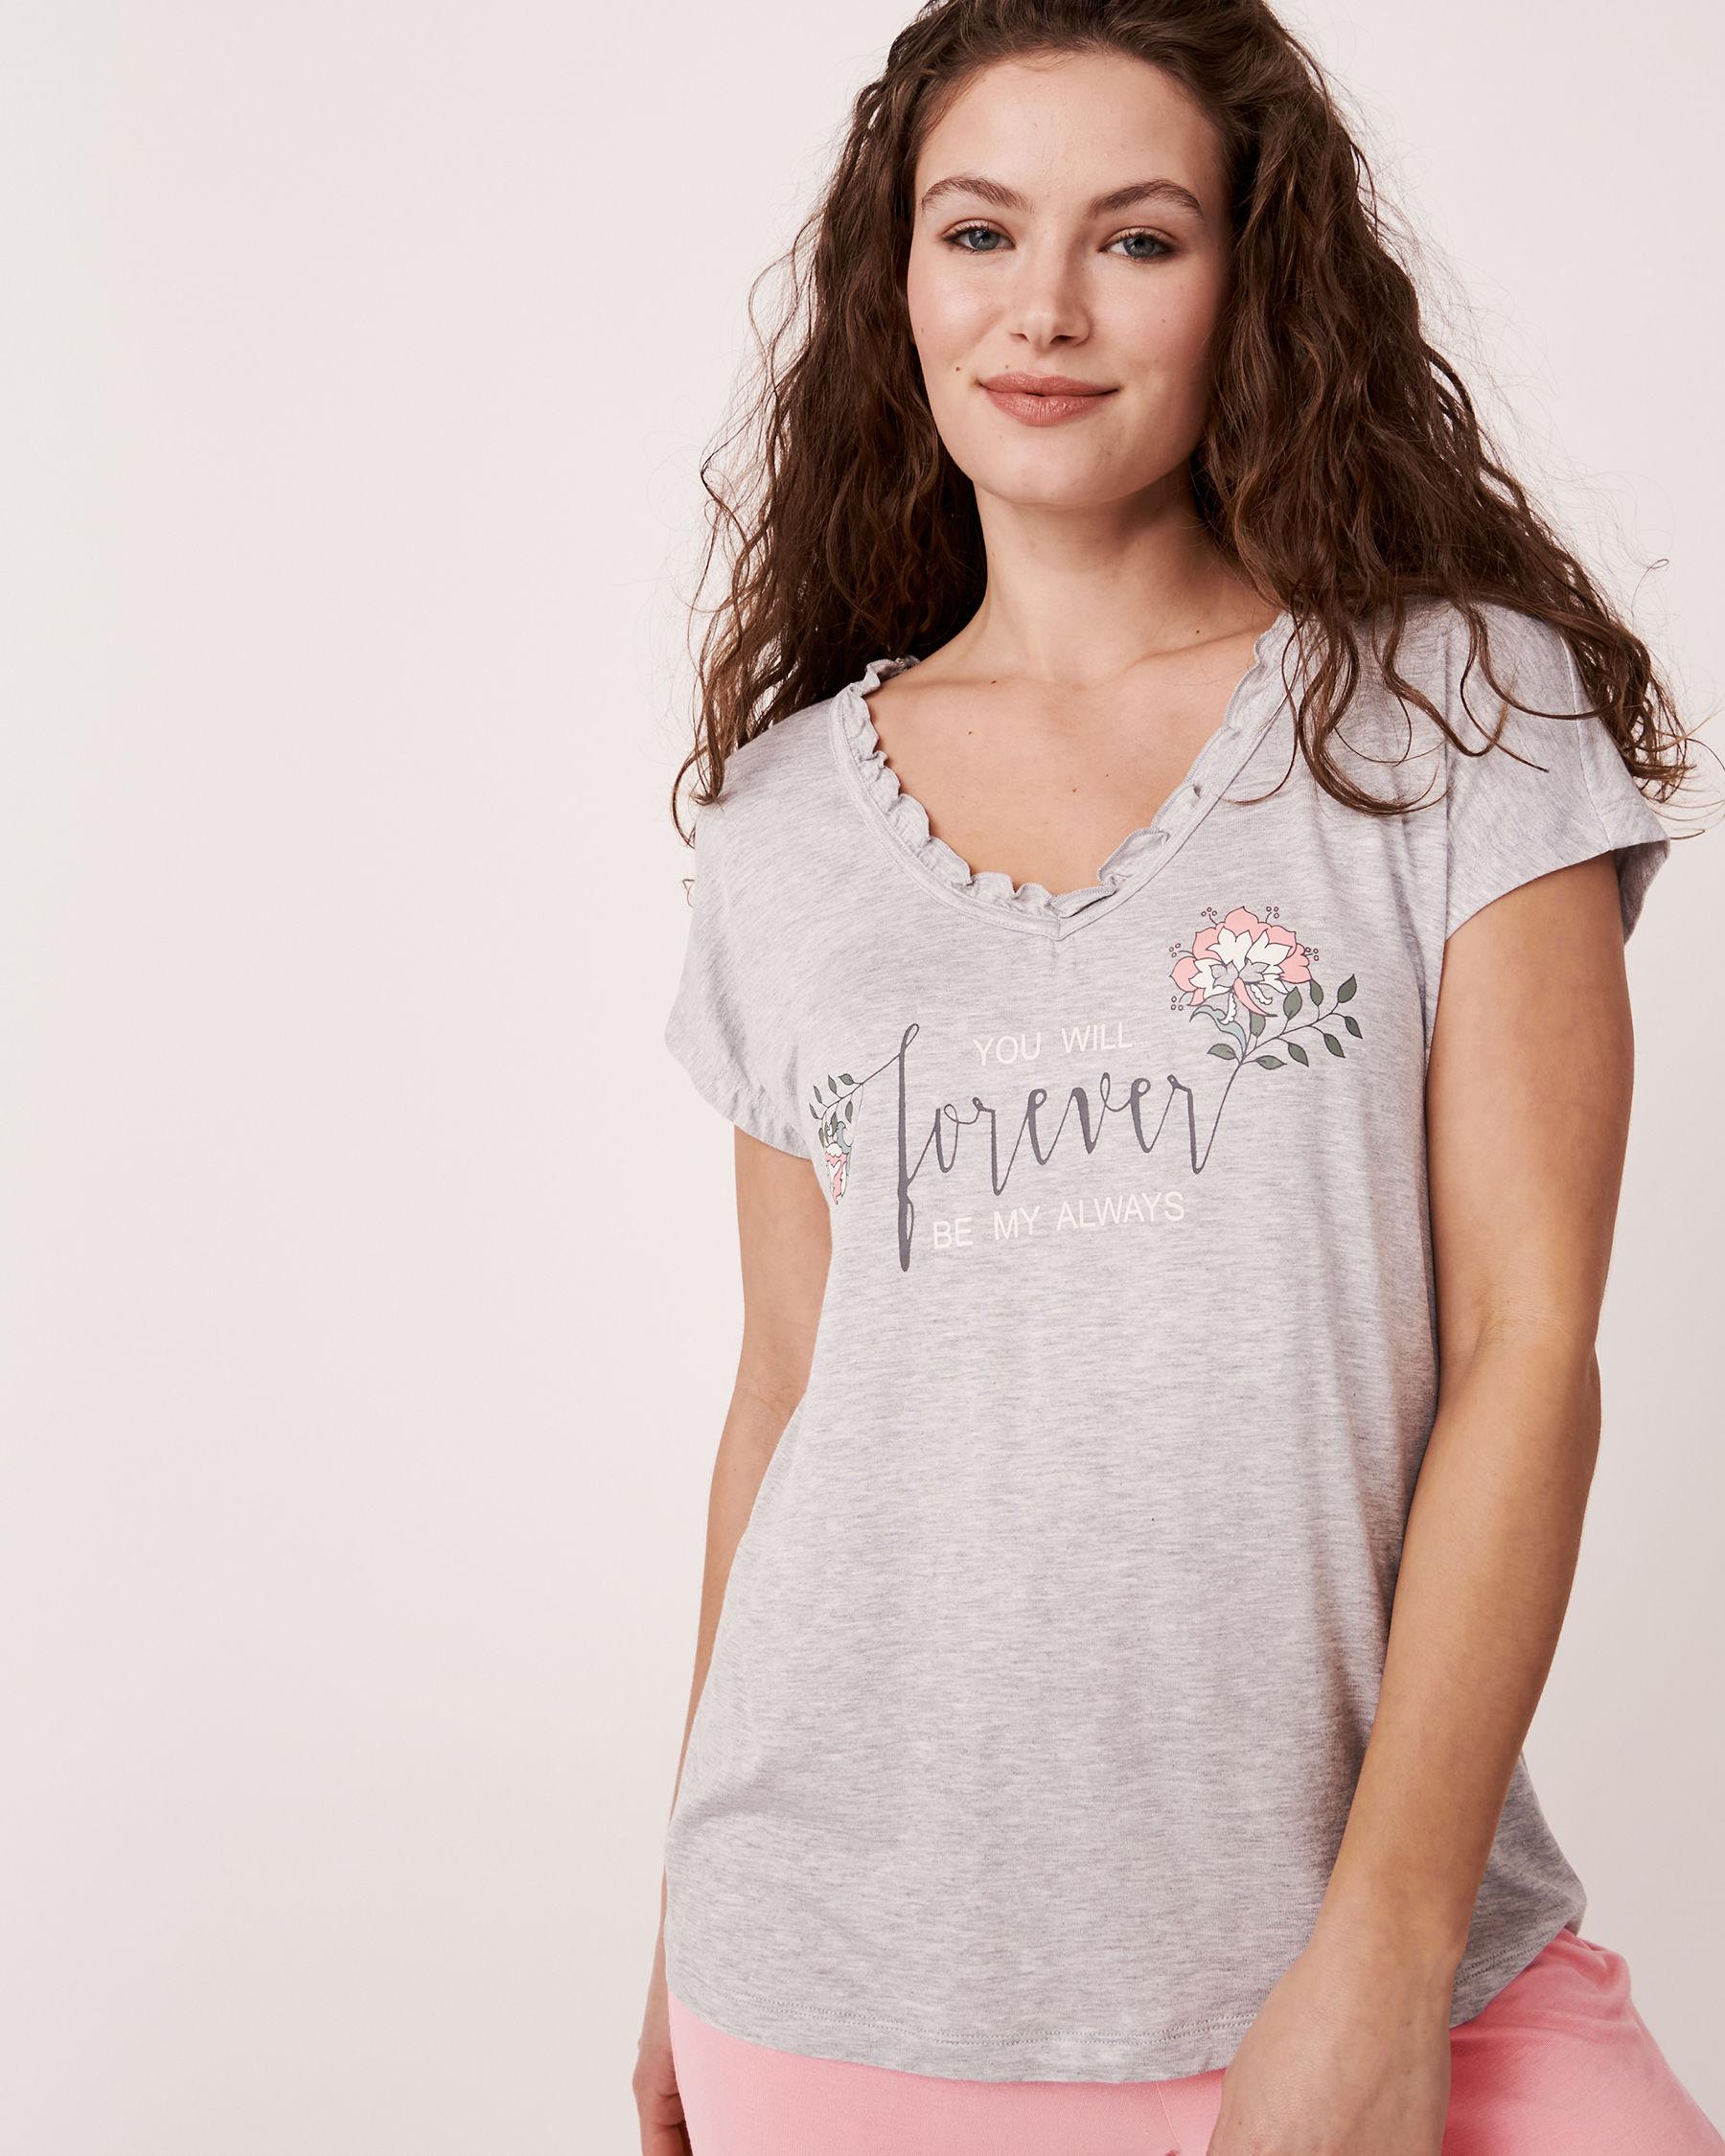 LA VIE EN ROSE V-Neckline T-shirt Grey 40100030 - View1